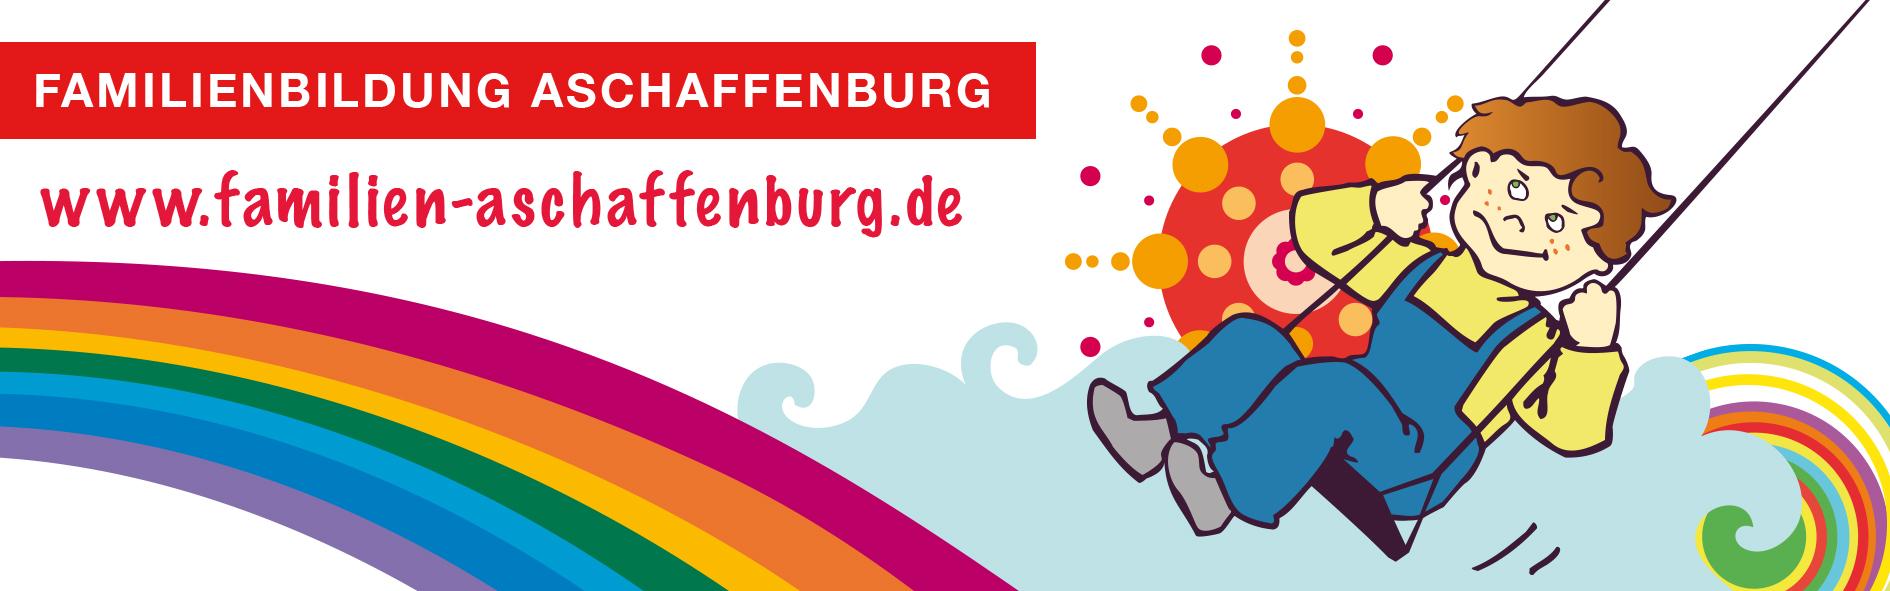 Logo der Familienbildung der Stadt Aschaffenburg